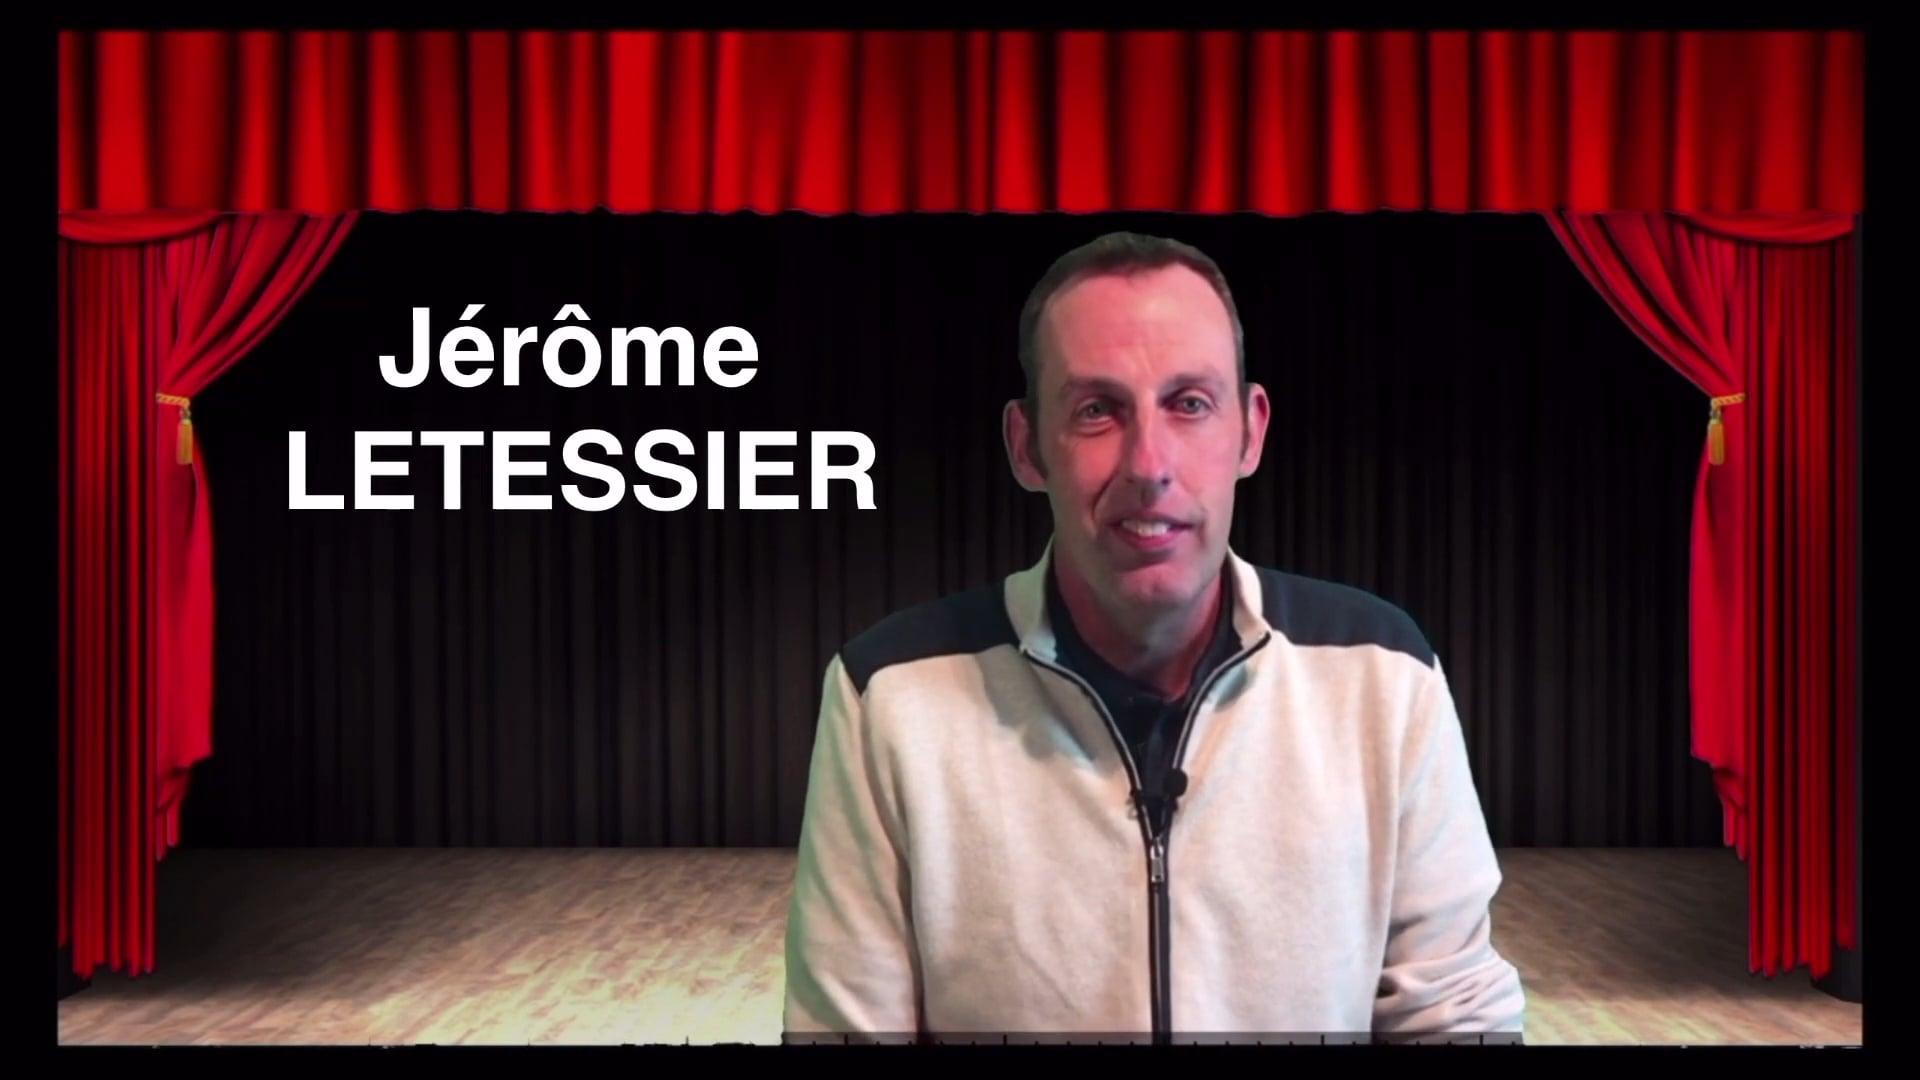 Jérôme LETESSIER